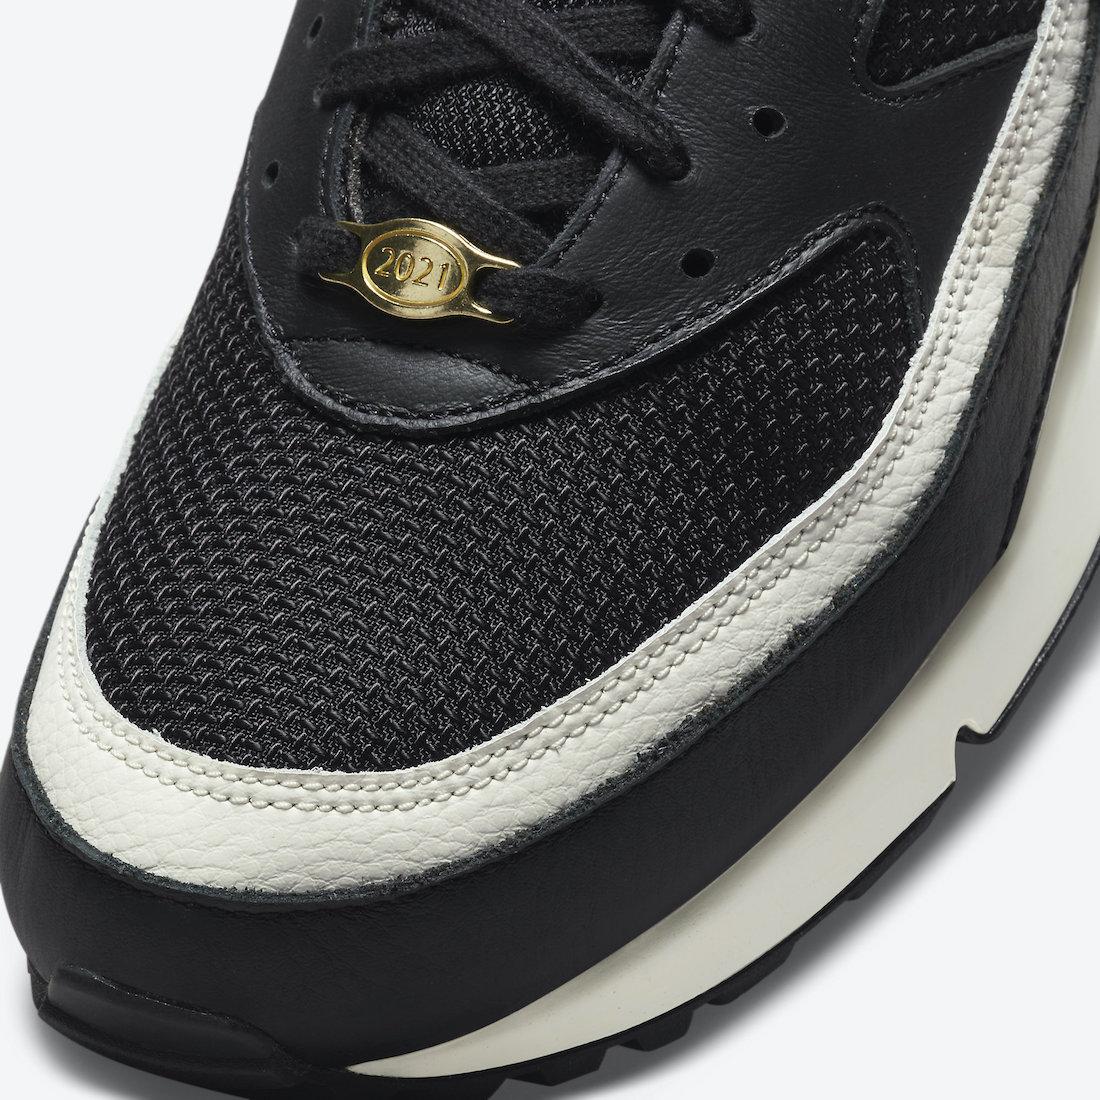 Nike Air Max, Nike Air, NIKE, Air Max